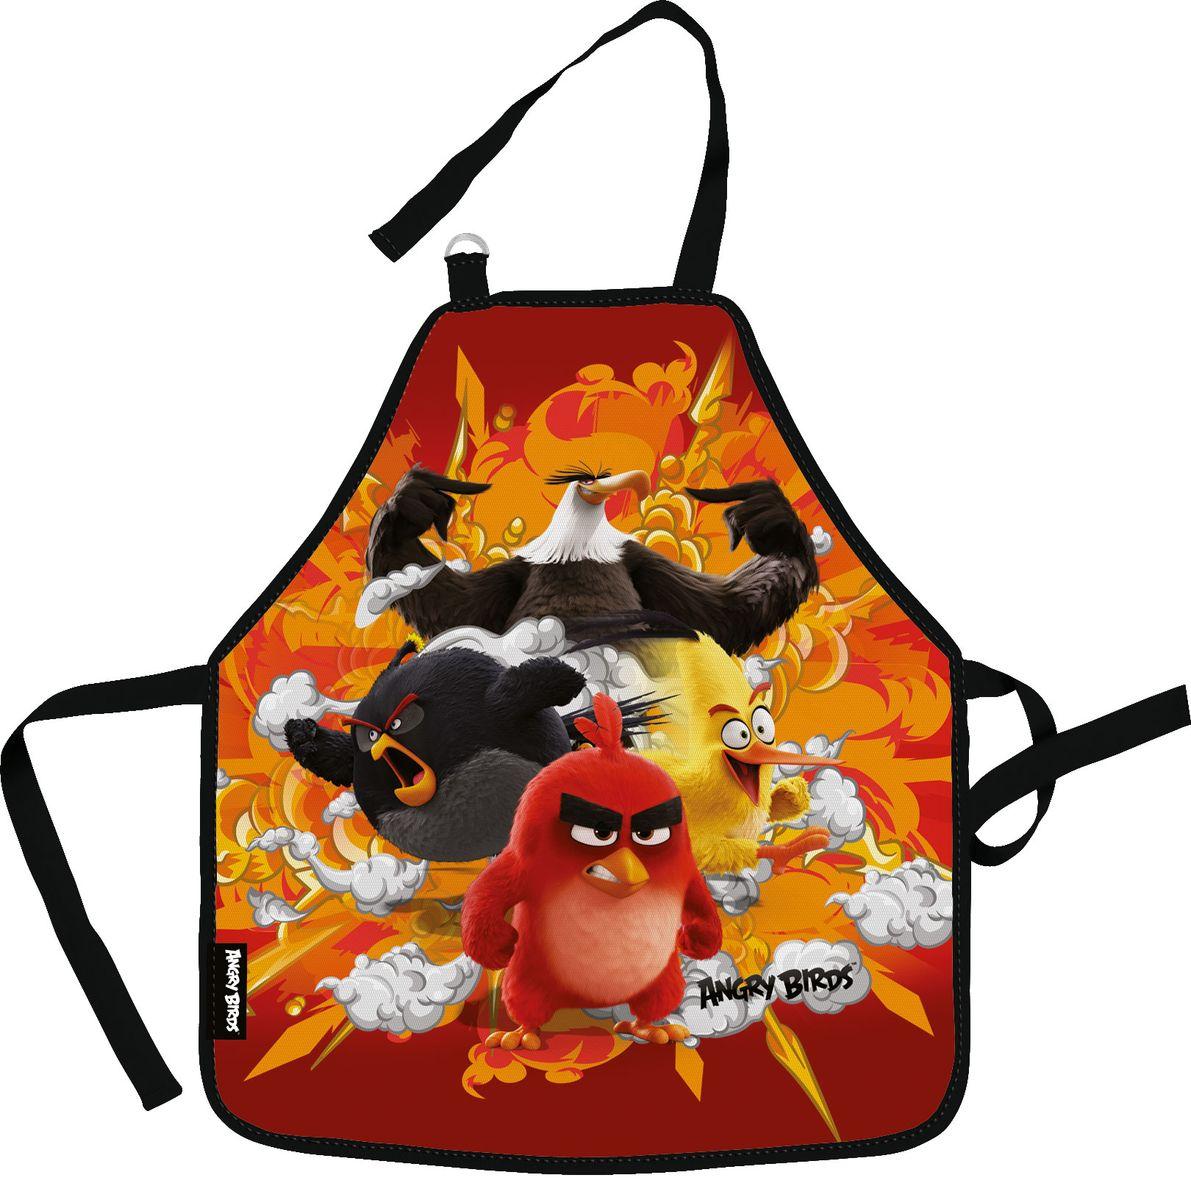 Angry Birds Movie Фартук для труда с нарукавниками цвет красный оранжевый черный72523WDФартук Angry Birds Movie поможет вашему ребенку не испачкать свою одежду во время занятий творчеством и на уроках труда. Изделие изготовлено из водостойкого материала. Удобные завязки помогут зафиксировать фартук на шее и талии в нужных положениях.